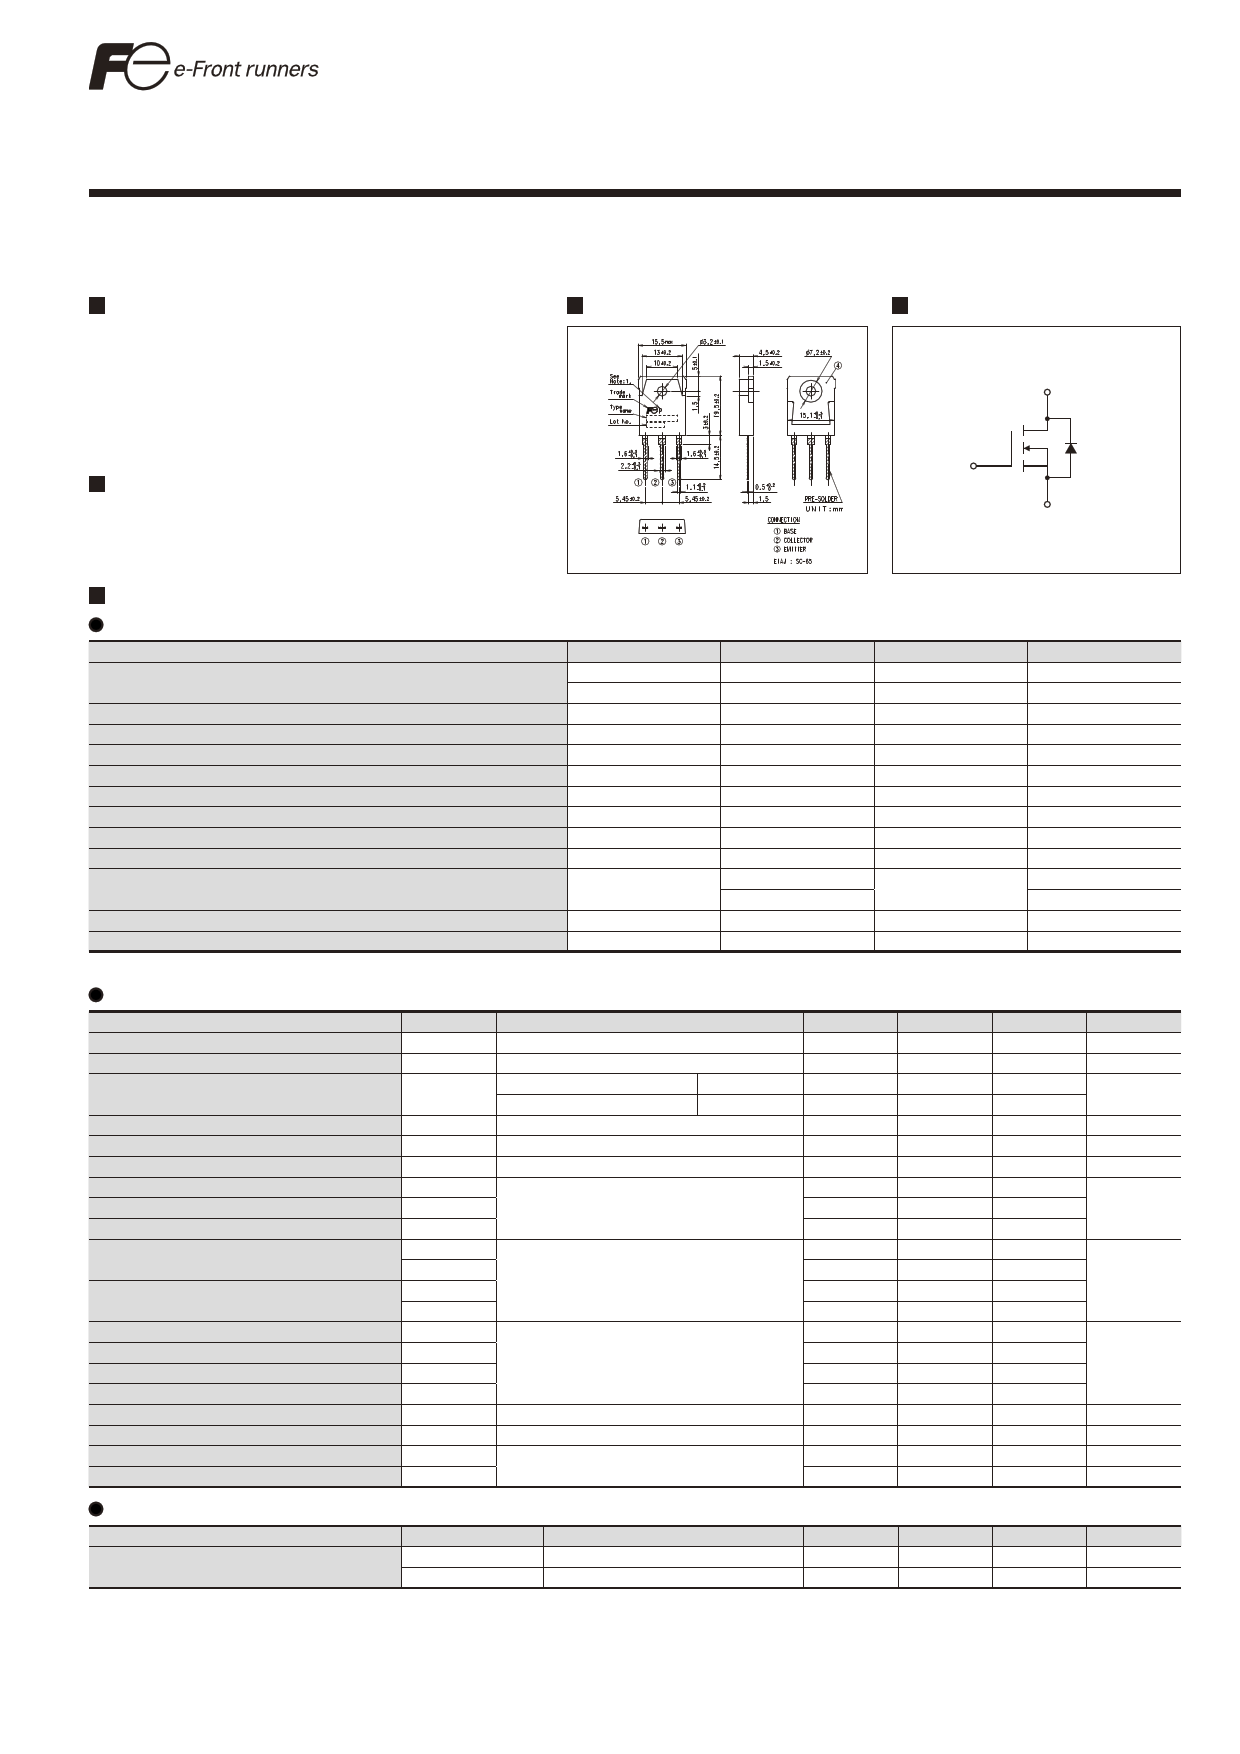 23N50E datasheet image